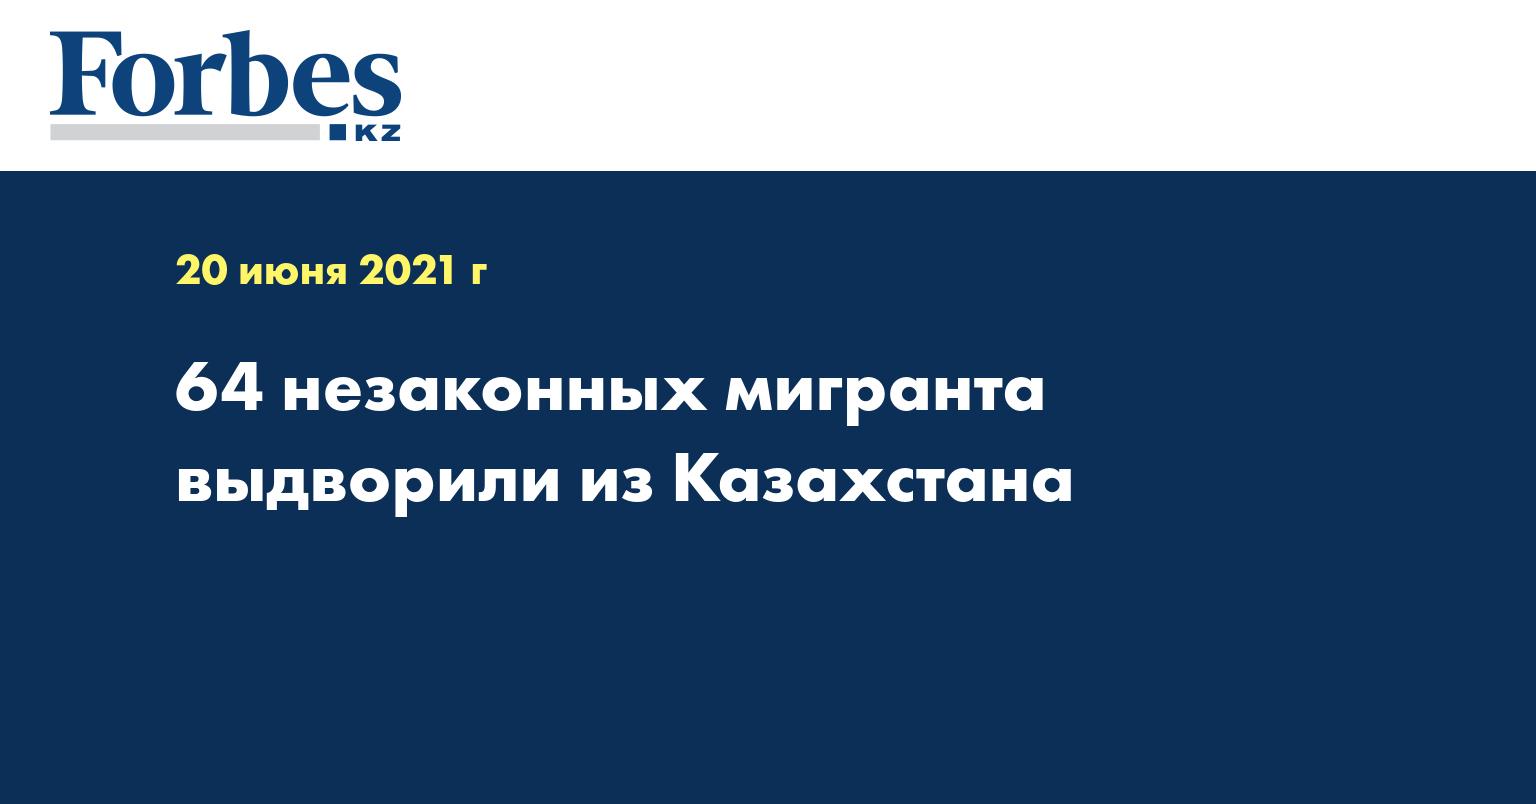 64 незаконных мигранта выдворили из Казахстана